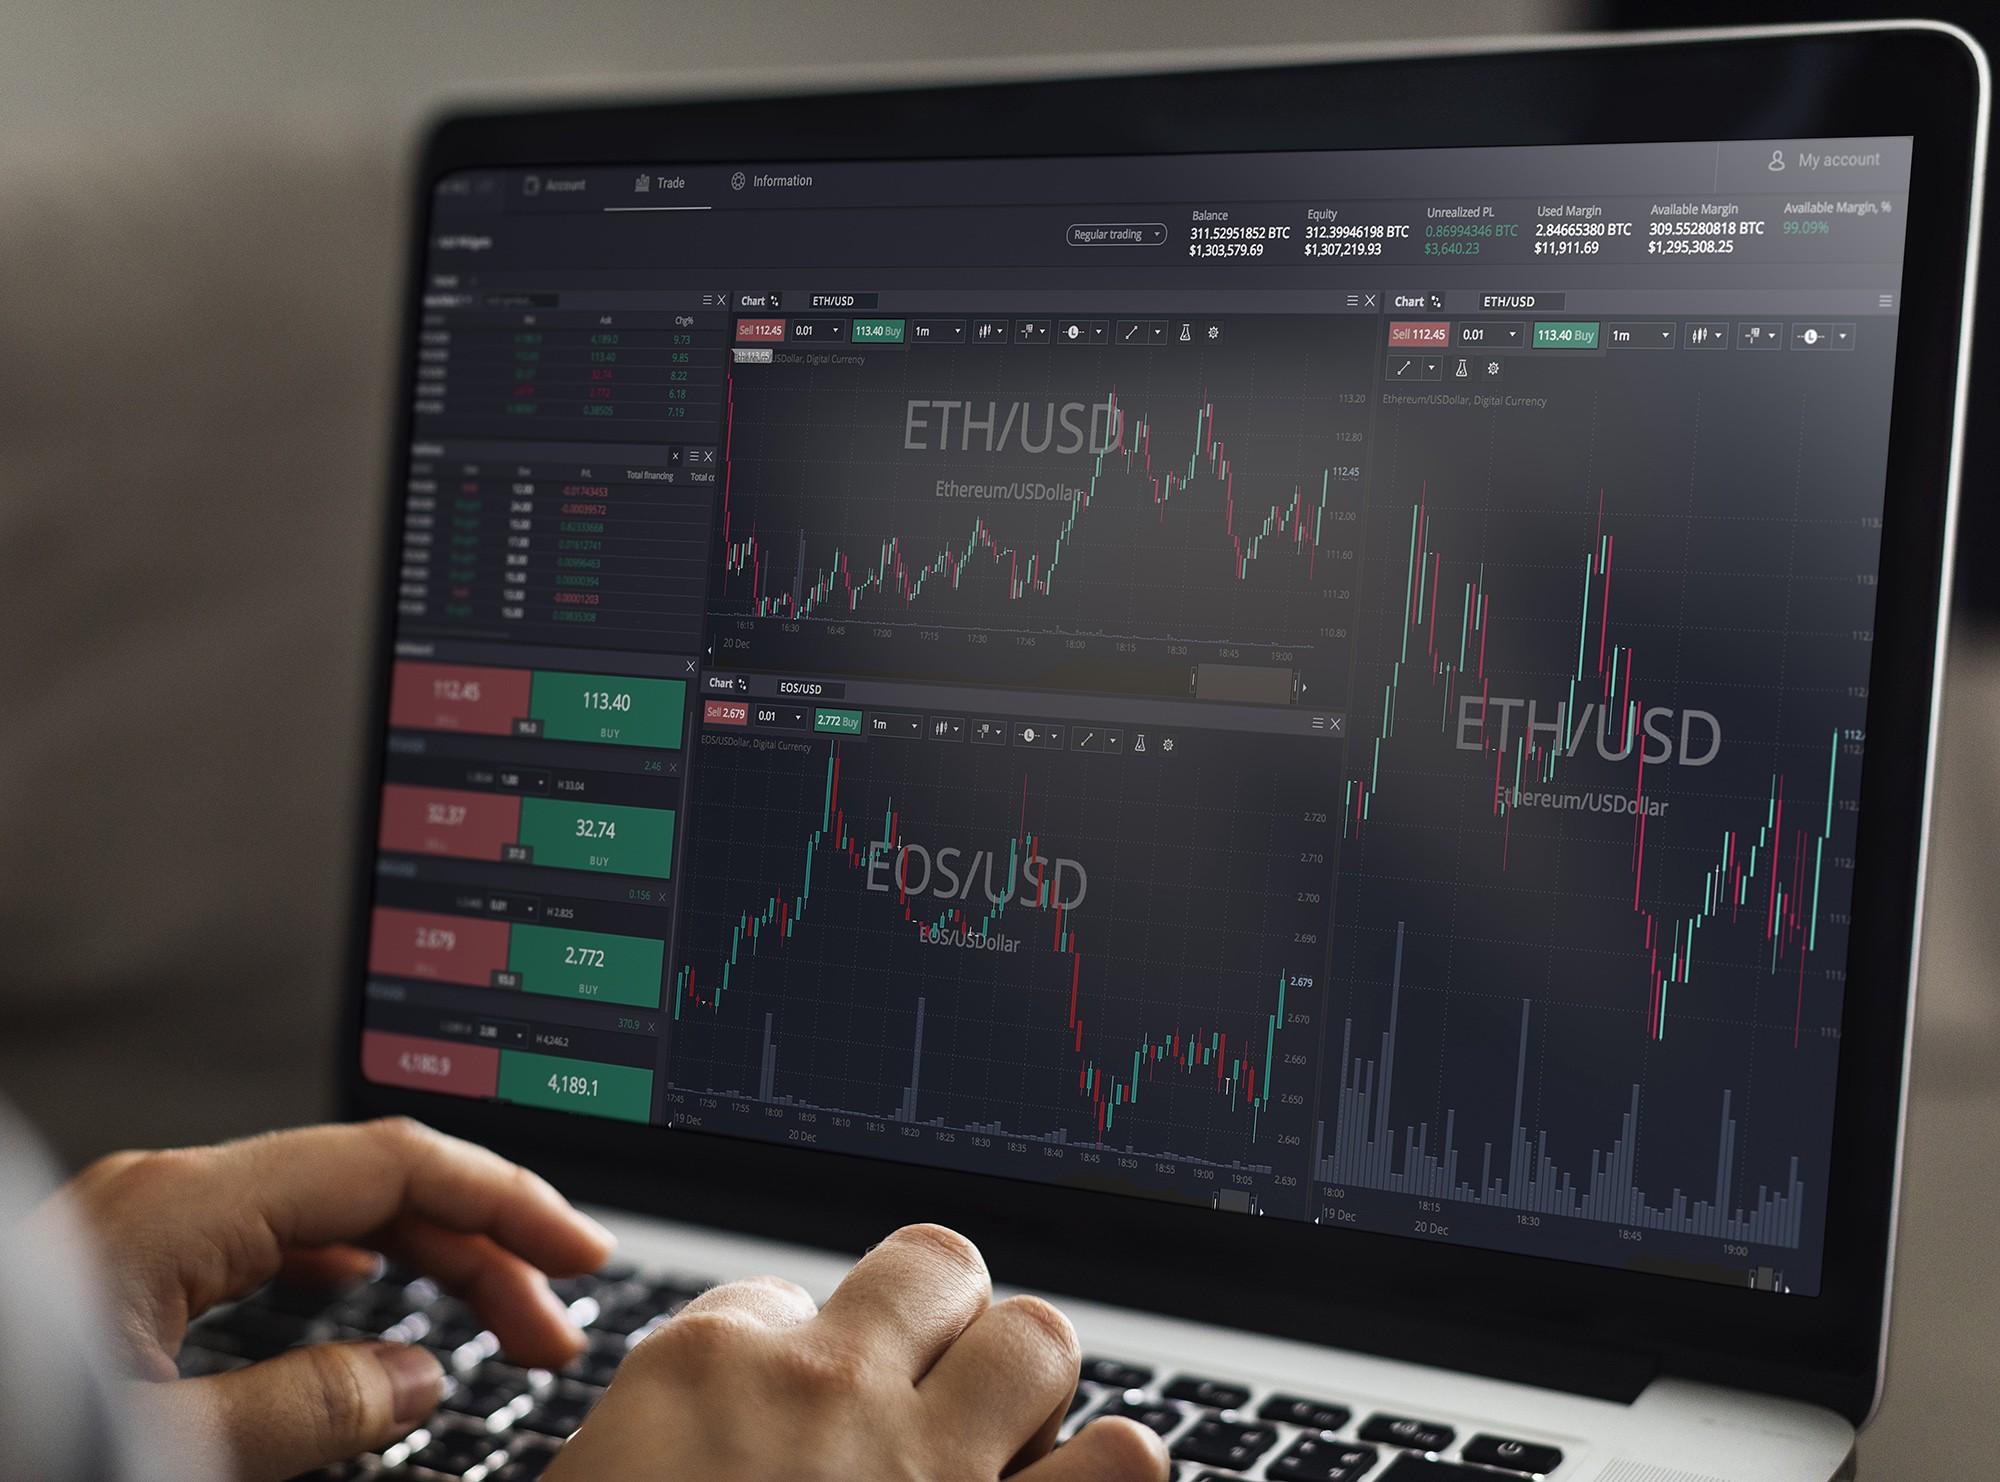 一图全览 2019 加密货币市场 TOP20